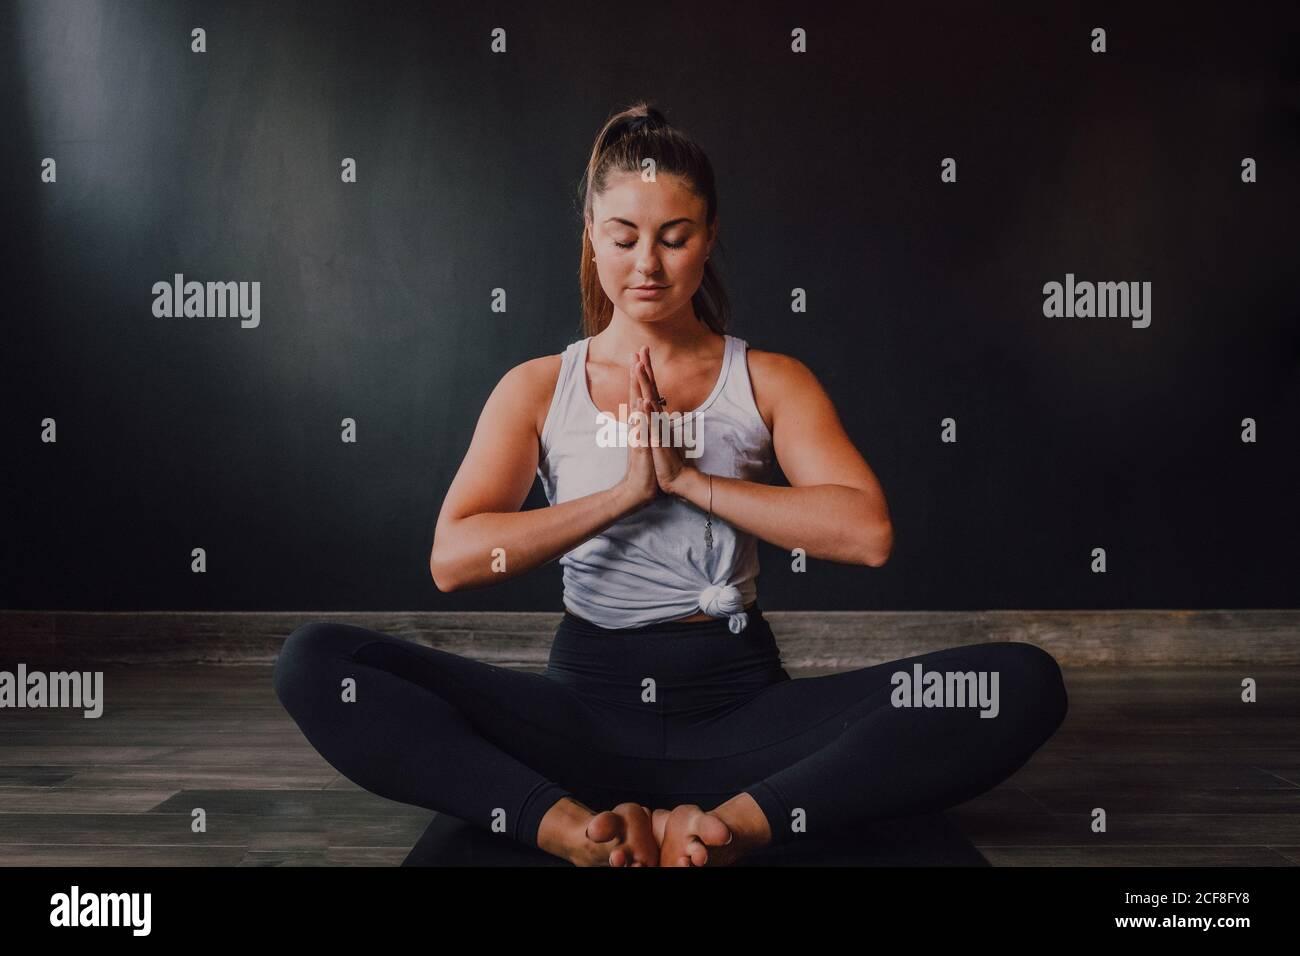 Mujer tranquila y relajada con los ojos cerrados y namaste sentado baddha konasana posición en la alfombra deportiva y concentrarse mientras practica yoga en estudio moderno oscuro Foto de stock